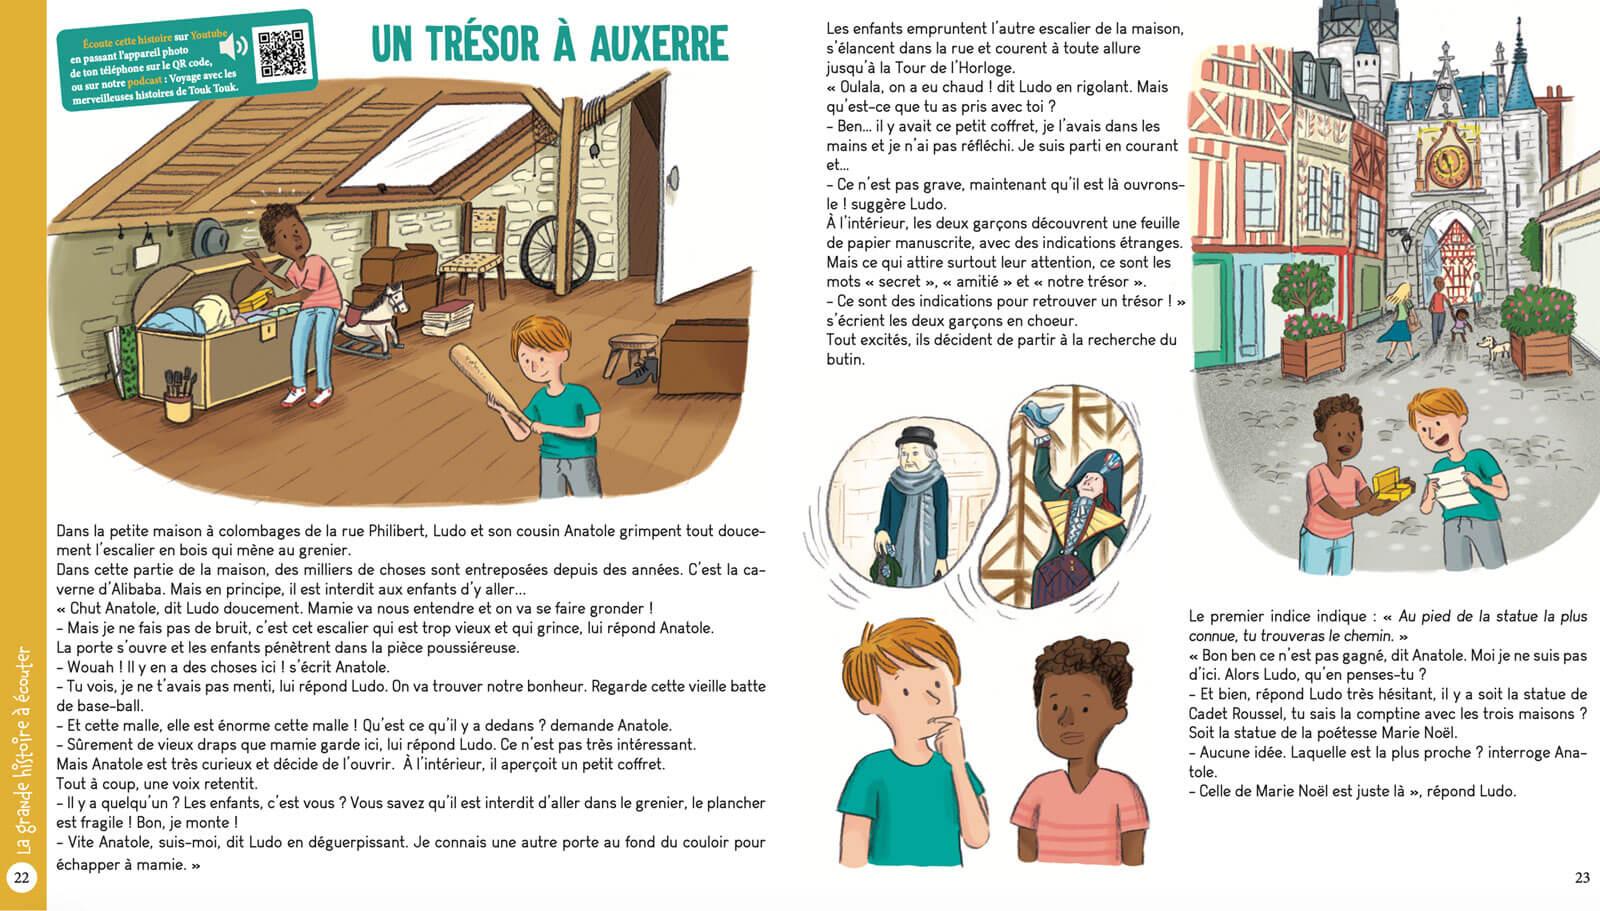 Un trésor à Auxerre